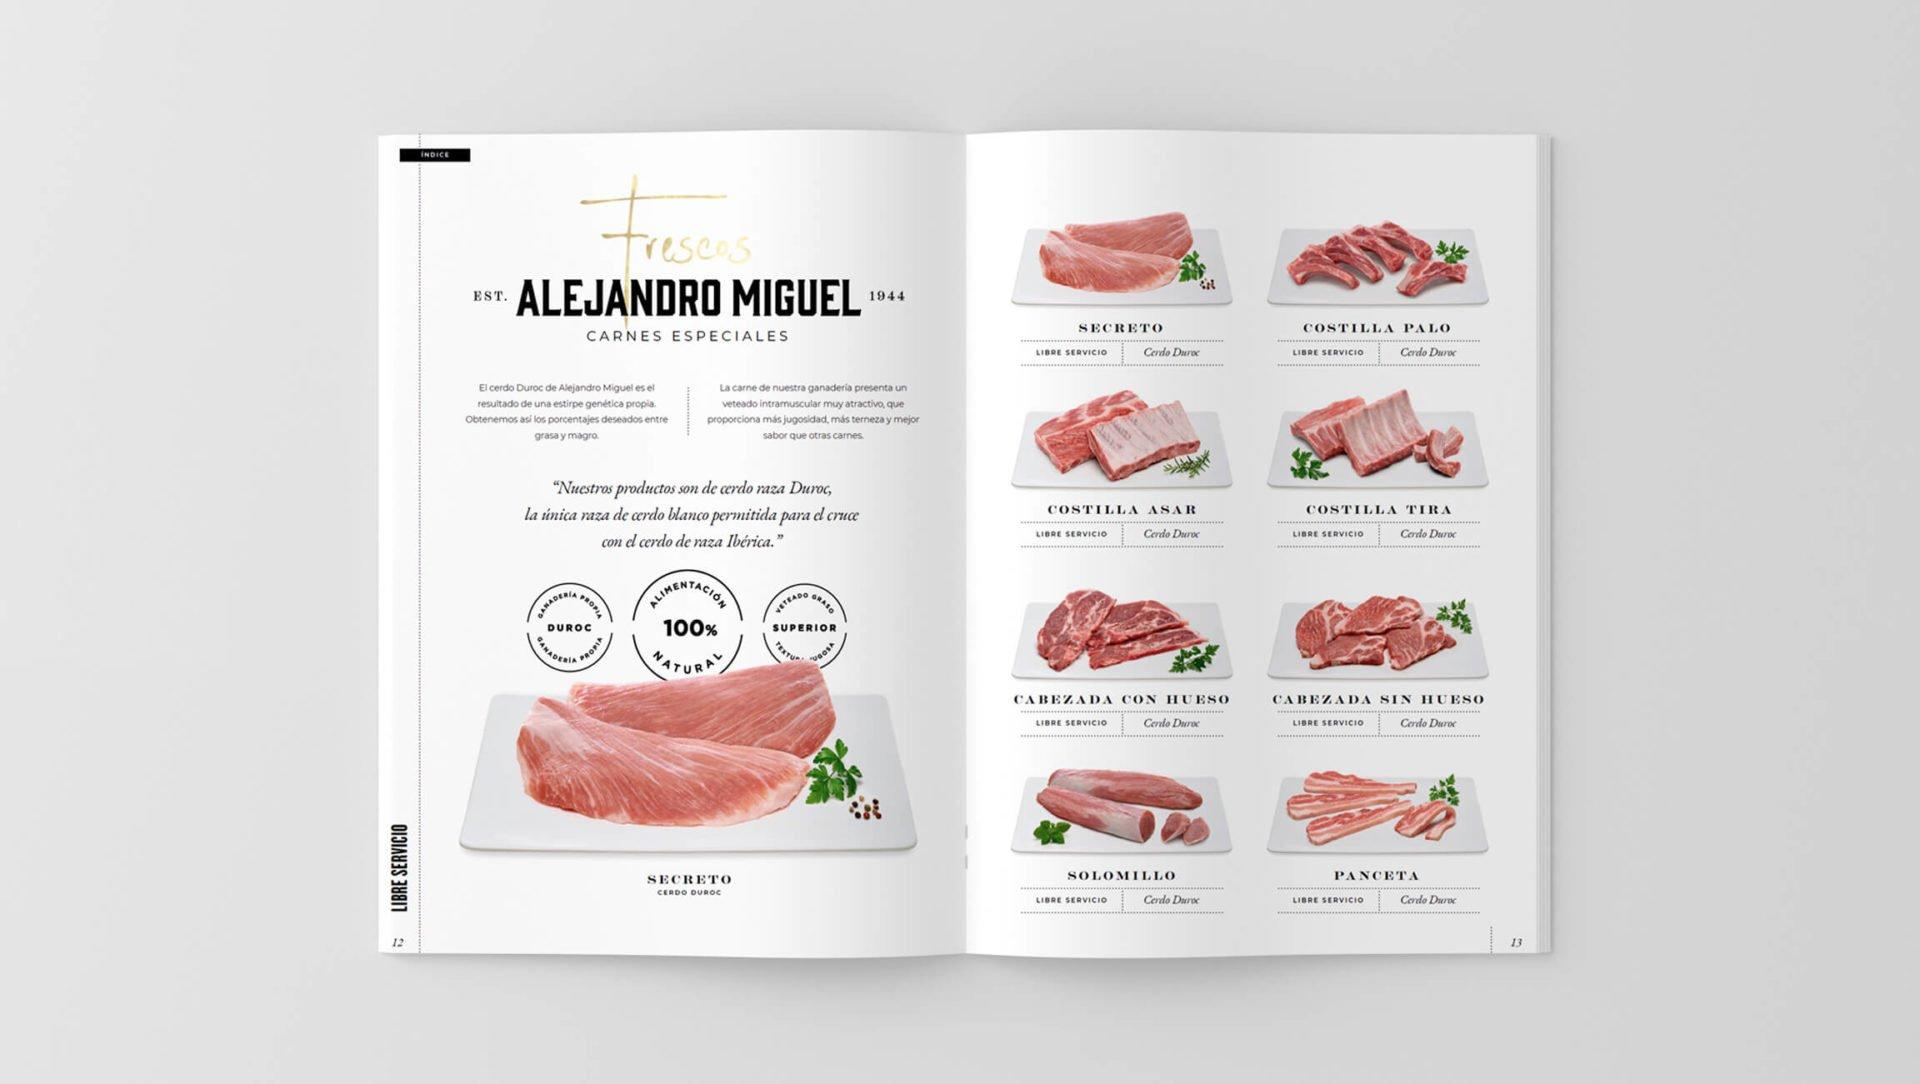 diseño-catalogo-carne-cerdo-duroc-alejandro-miguel-01